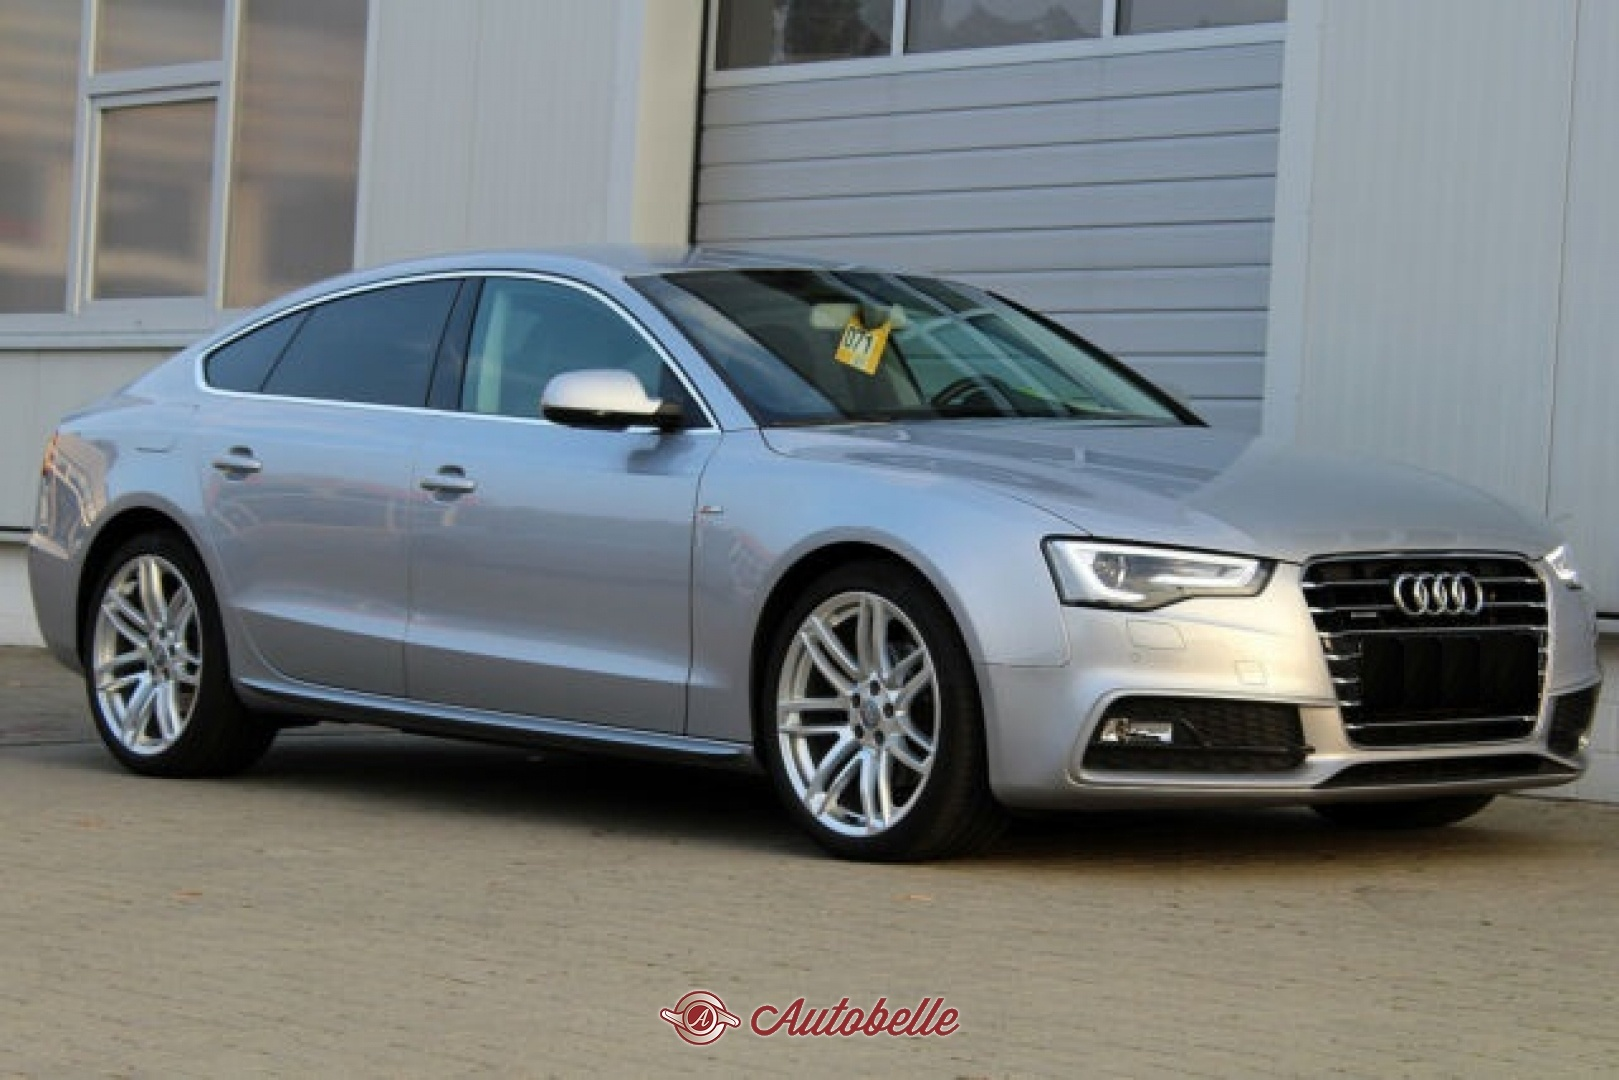 Kelebihan Kekurangan Audi A5 Sportback 2016 Harga